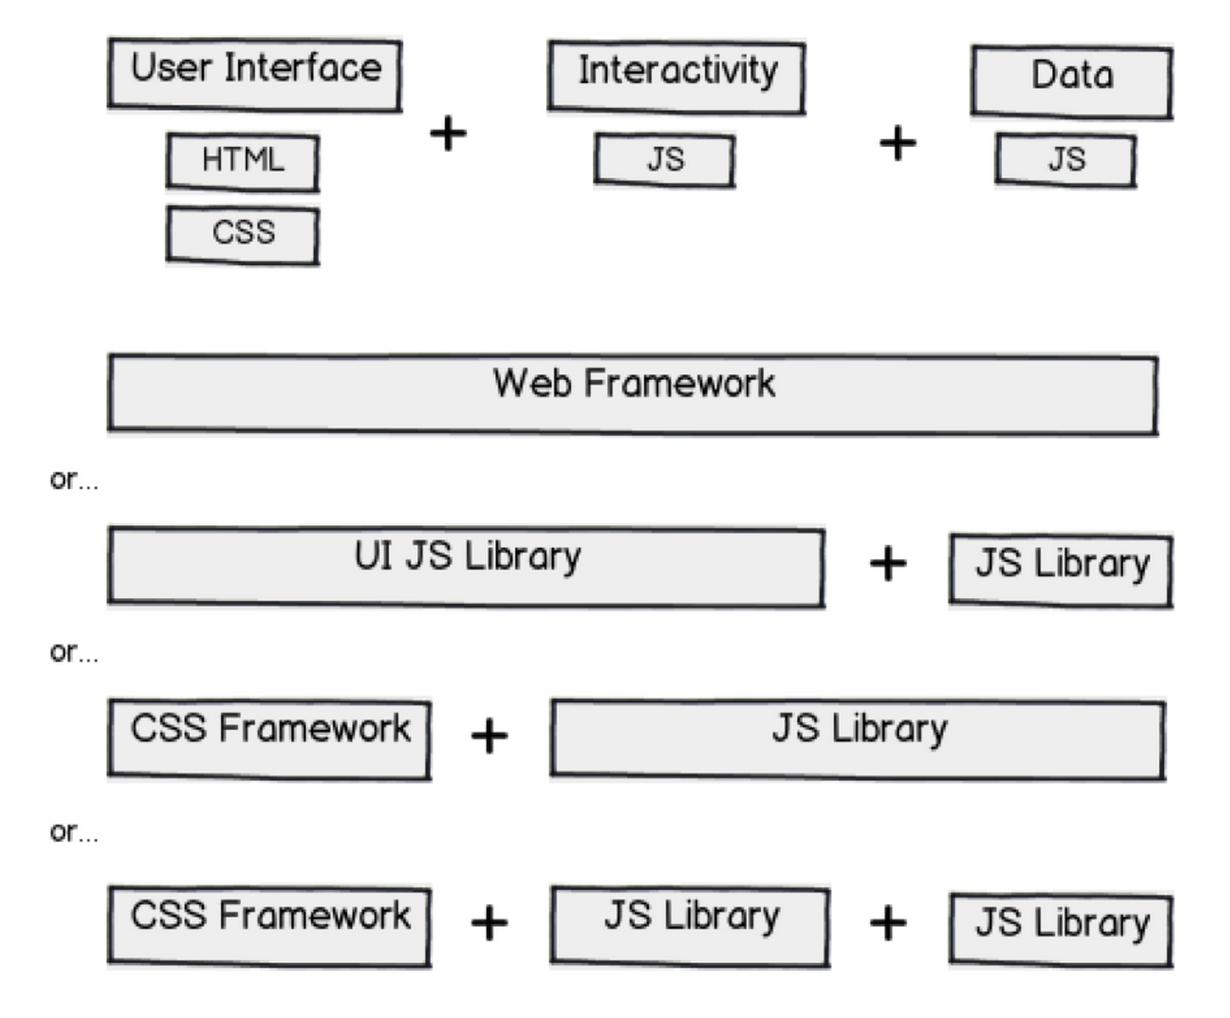 71717a3c0a Ein Diagramm welches verschiedene Möglichkeiten zeigt, eine Webapp in UI,  Logik und Daten aufzuteilen